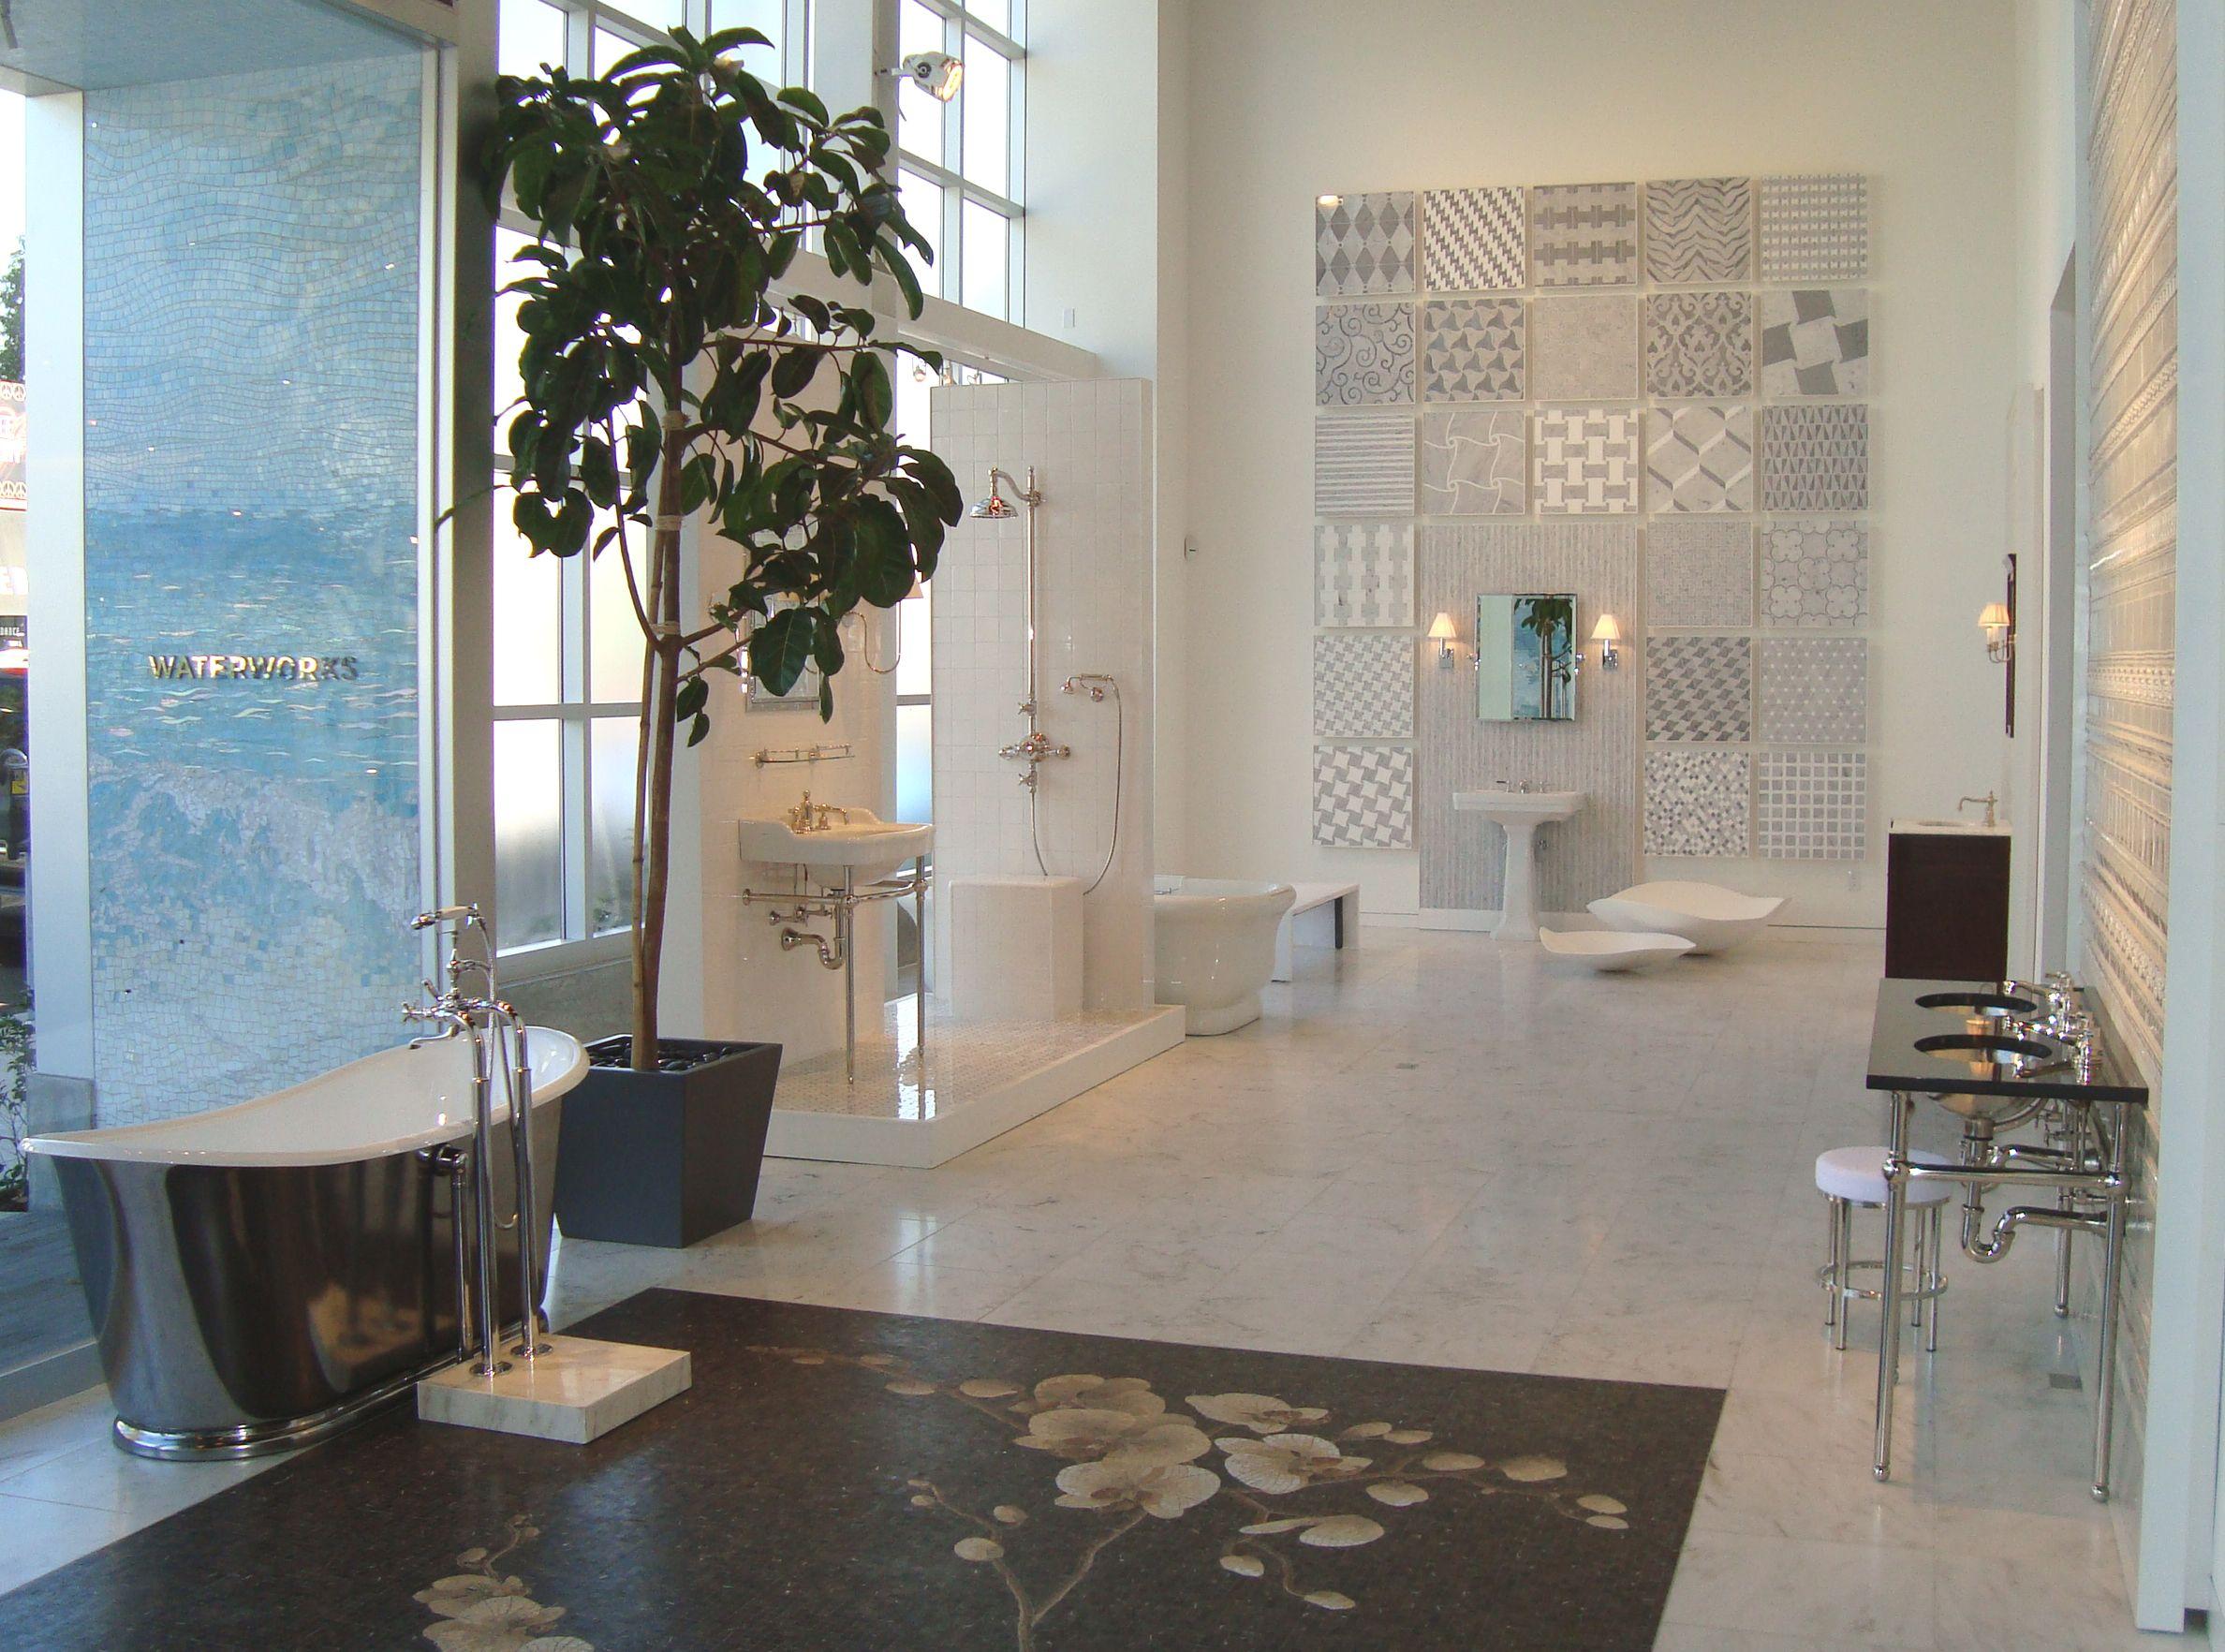 Waterworks los angeles showroom display initial m for Bathroom showrooms los angeles